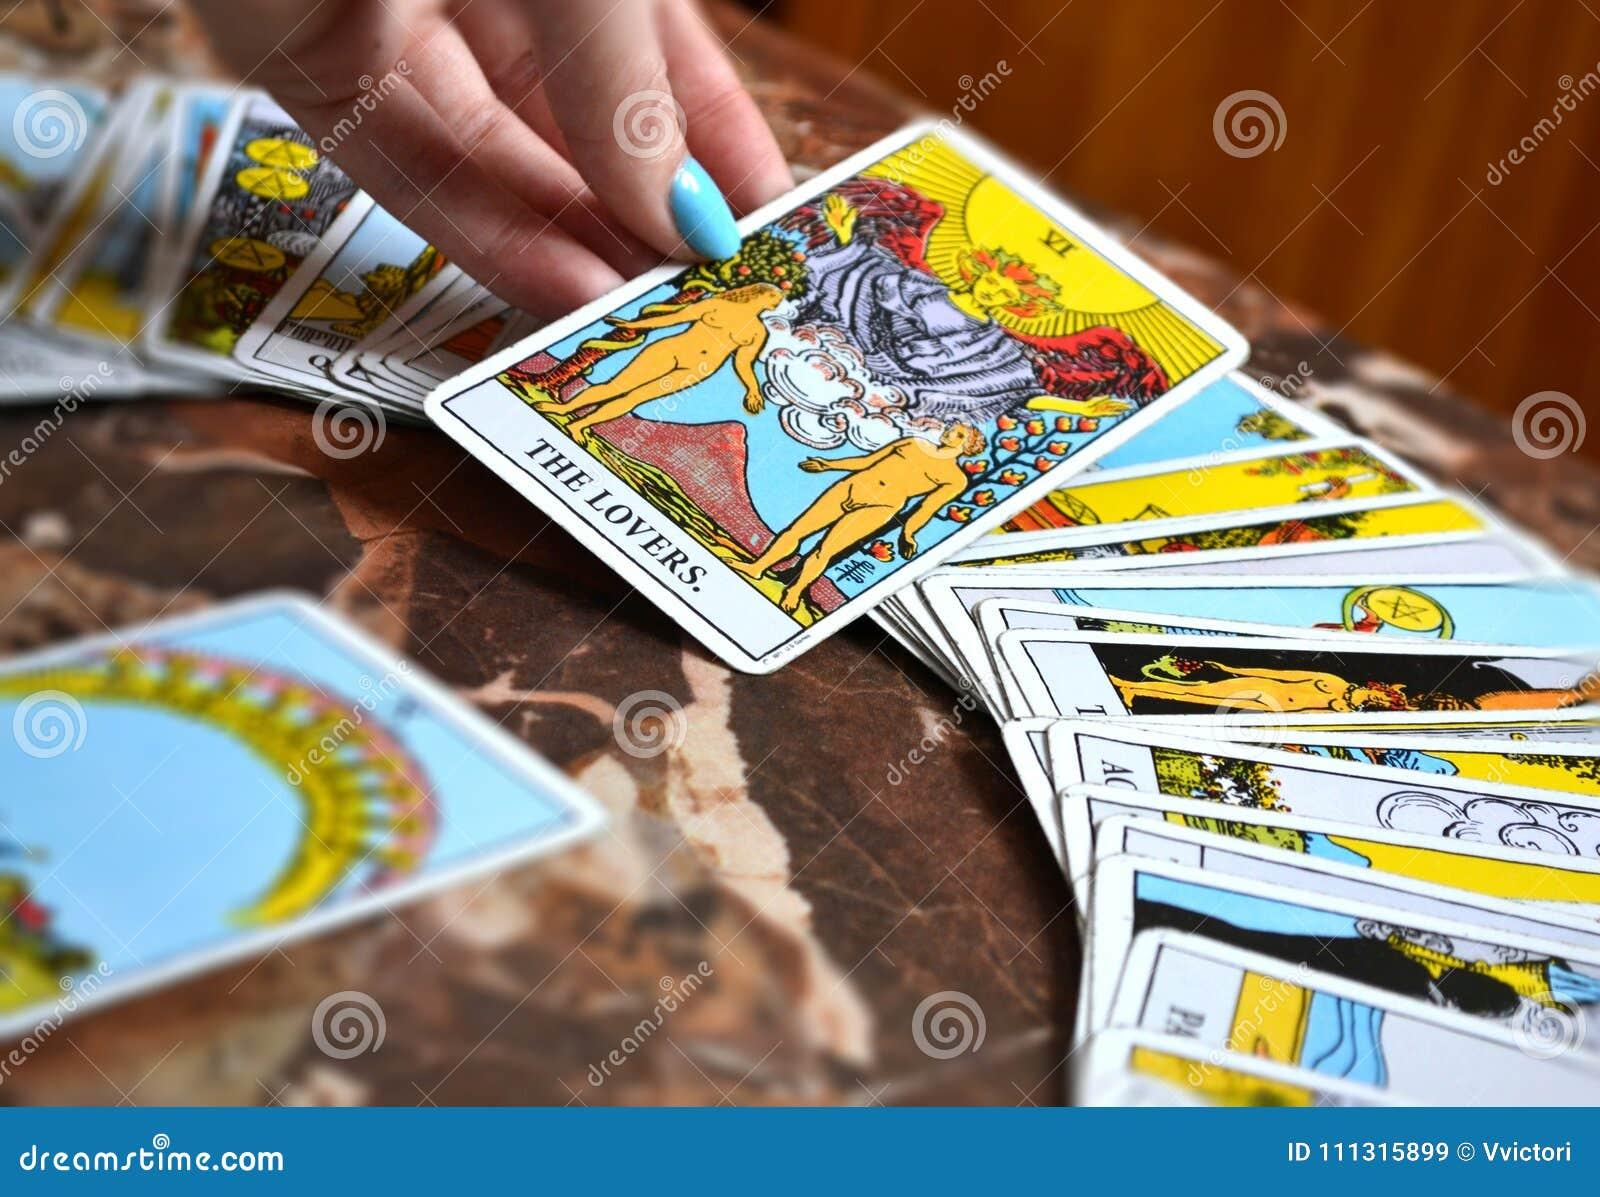 塔罗牌读书拟订恋人占卜用的纸牌